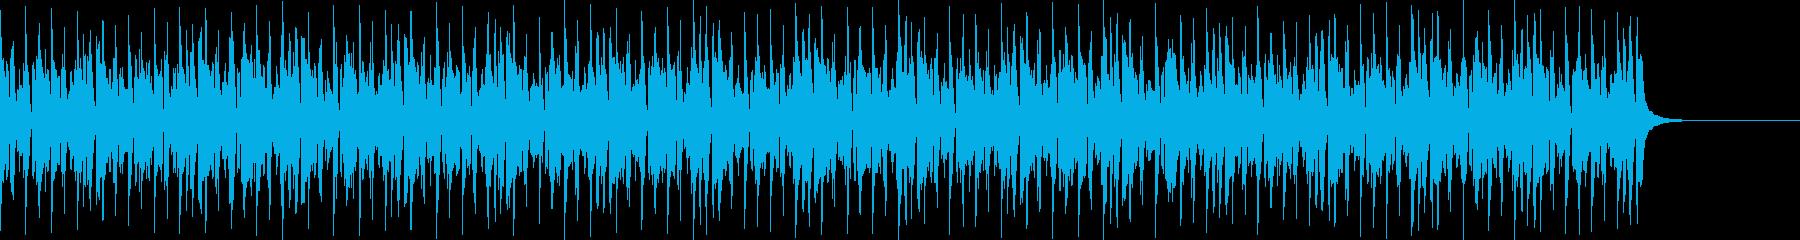 ゲーム曲みたいなアニメみたいな2の再生済みの波形